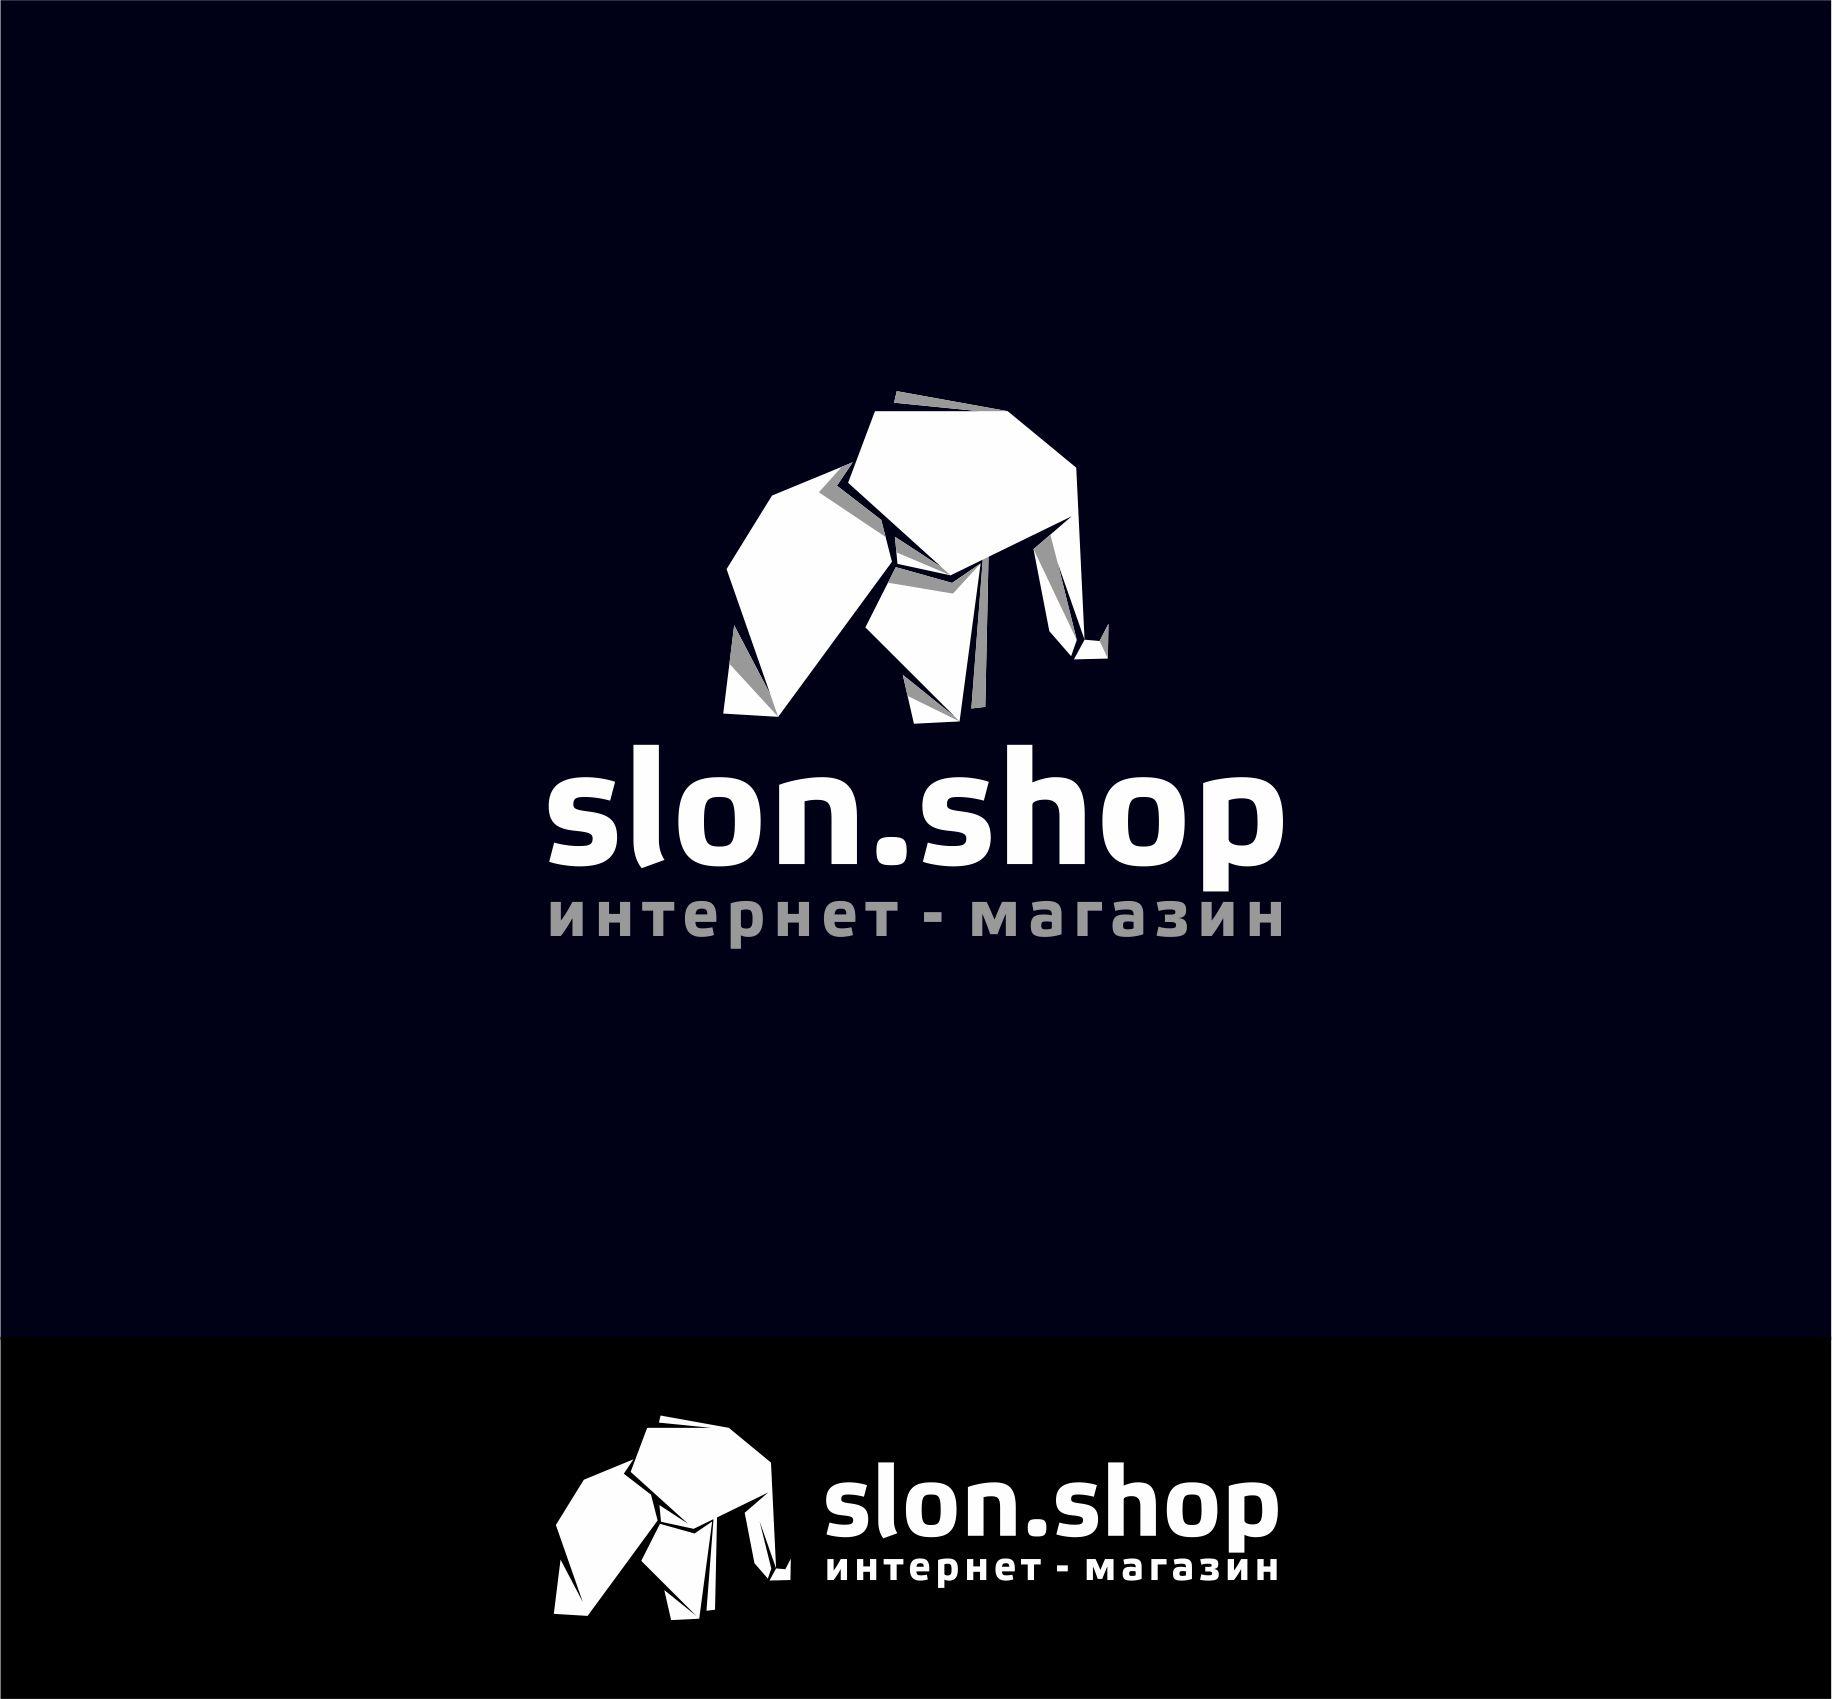 Разработать логотип и фирменный стиль интернет-магазина  фото f_539598c236fd9029.jpg